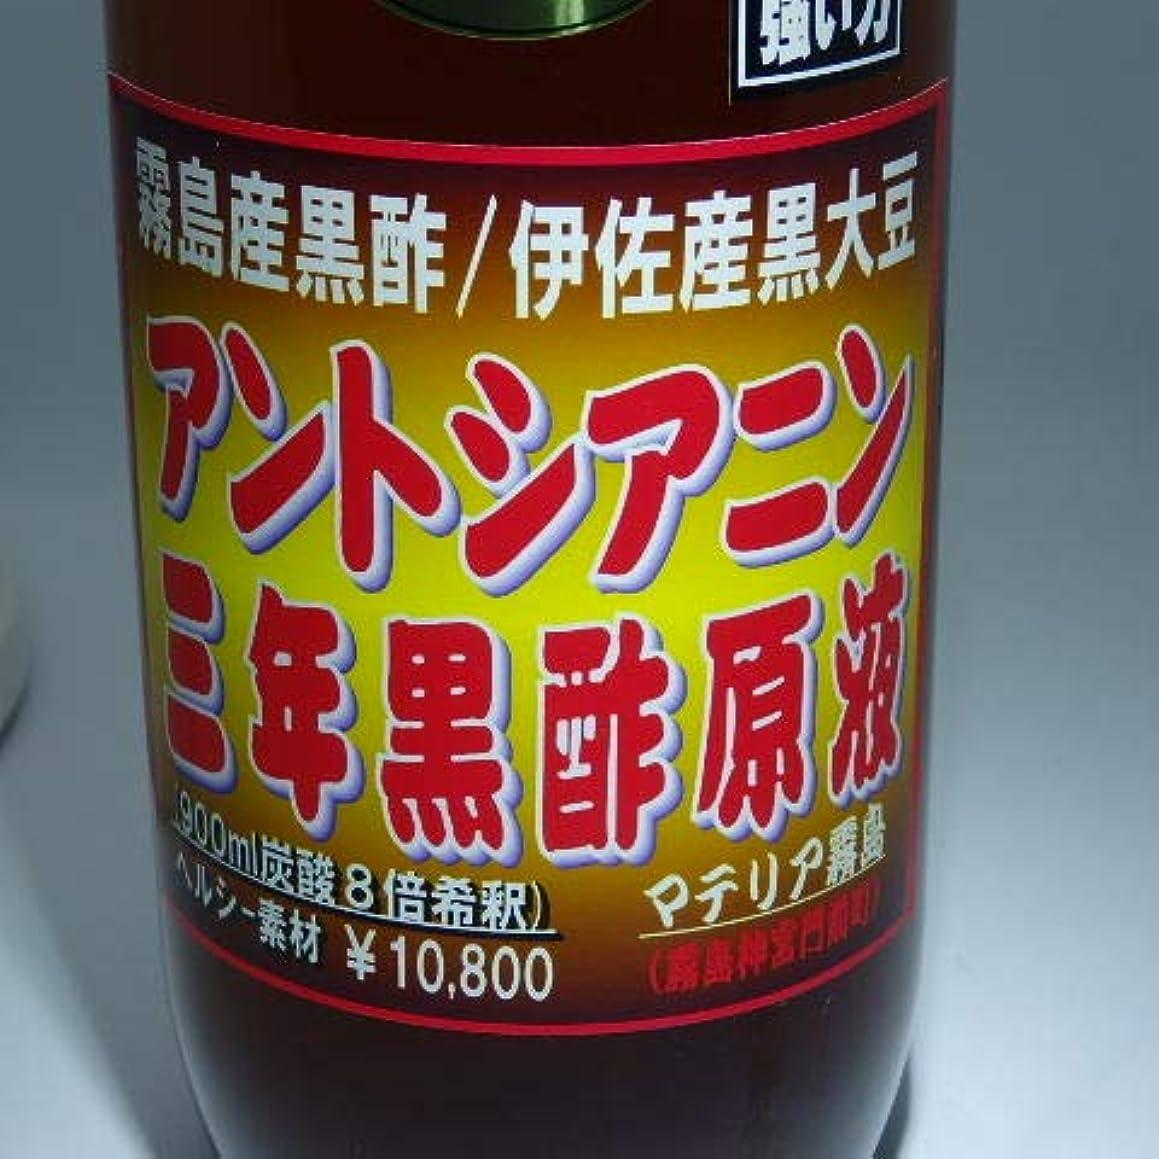 チャネル署名アッティカス無添加健康食品/黒酢黒豆乳酸系原液/3年熟成(900ml)60日分¥10,800